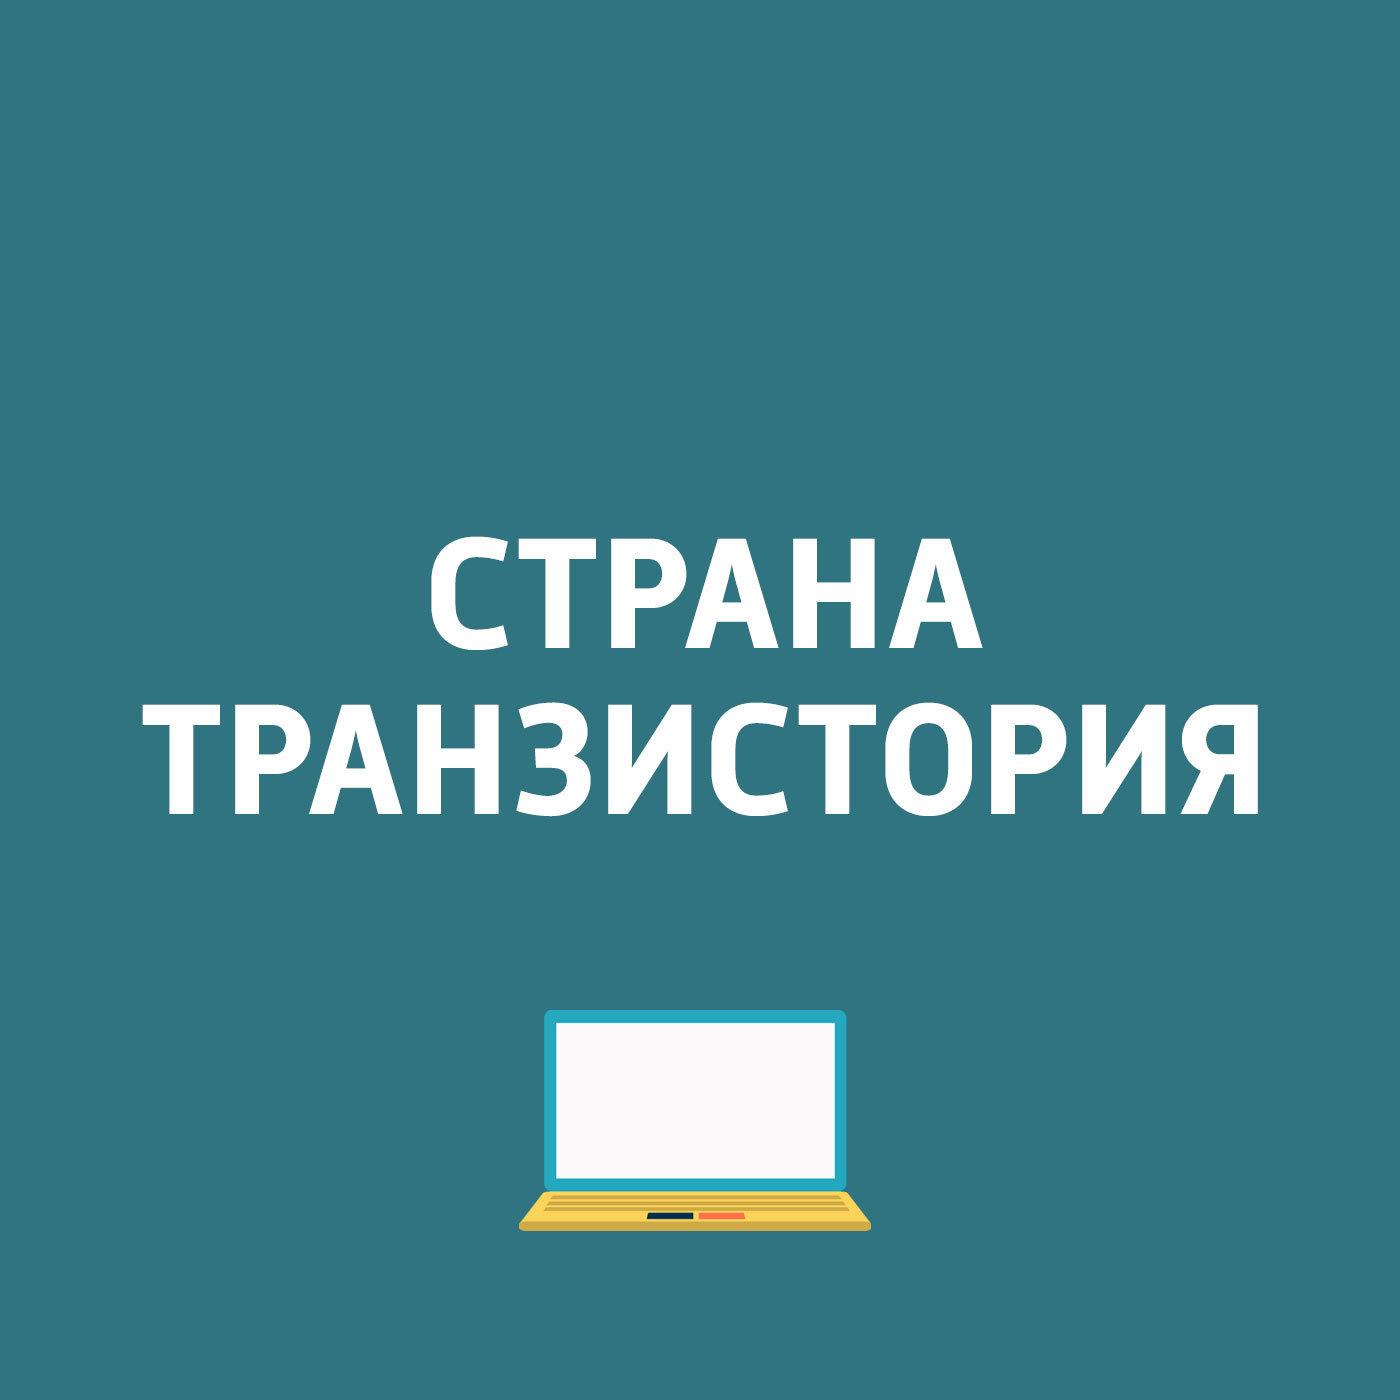 Картаев Павел Началась блокировка Telegram на территории России; Устройство для разблокировки iPhone; Hermitage Online в сообществе ВКонтакте картаев павел система распознавания речи microsoft достигла человеческого уровня